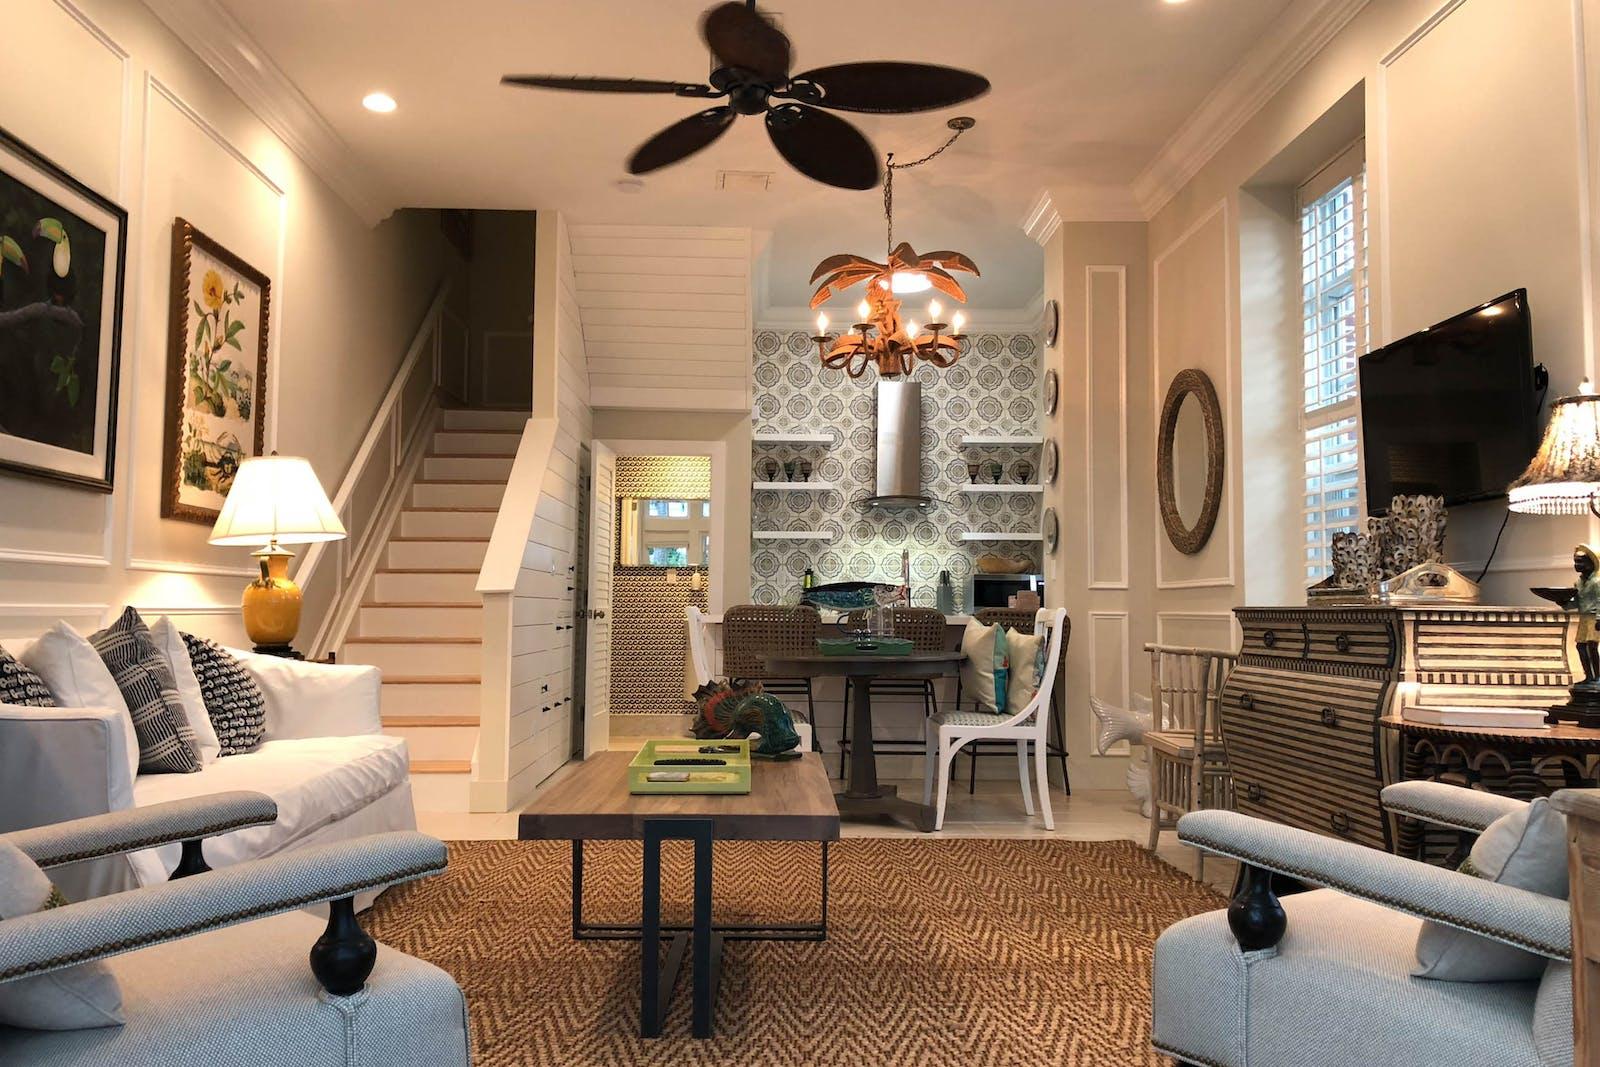 RENT Truman\'s Garden - Weekly Rental | Key West Vacation Rental